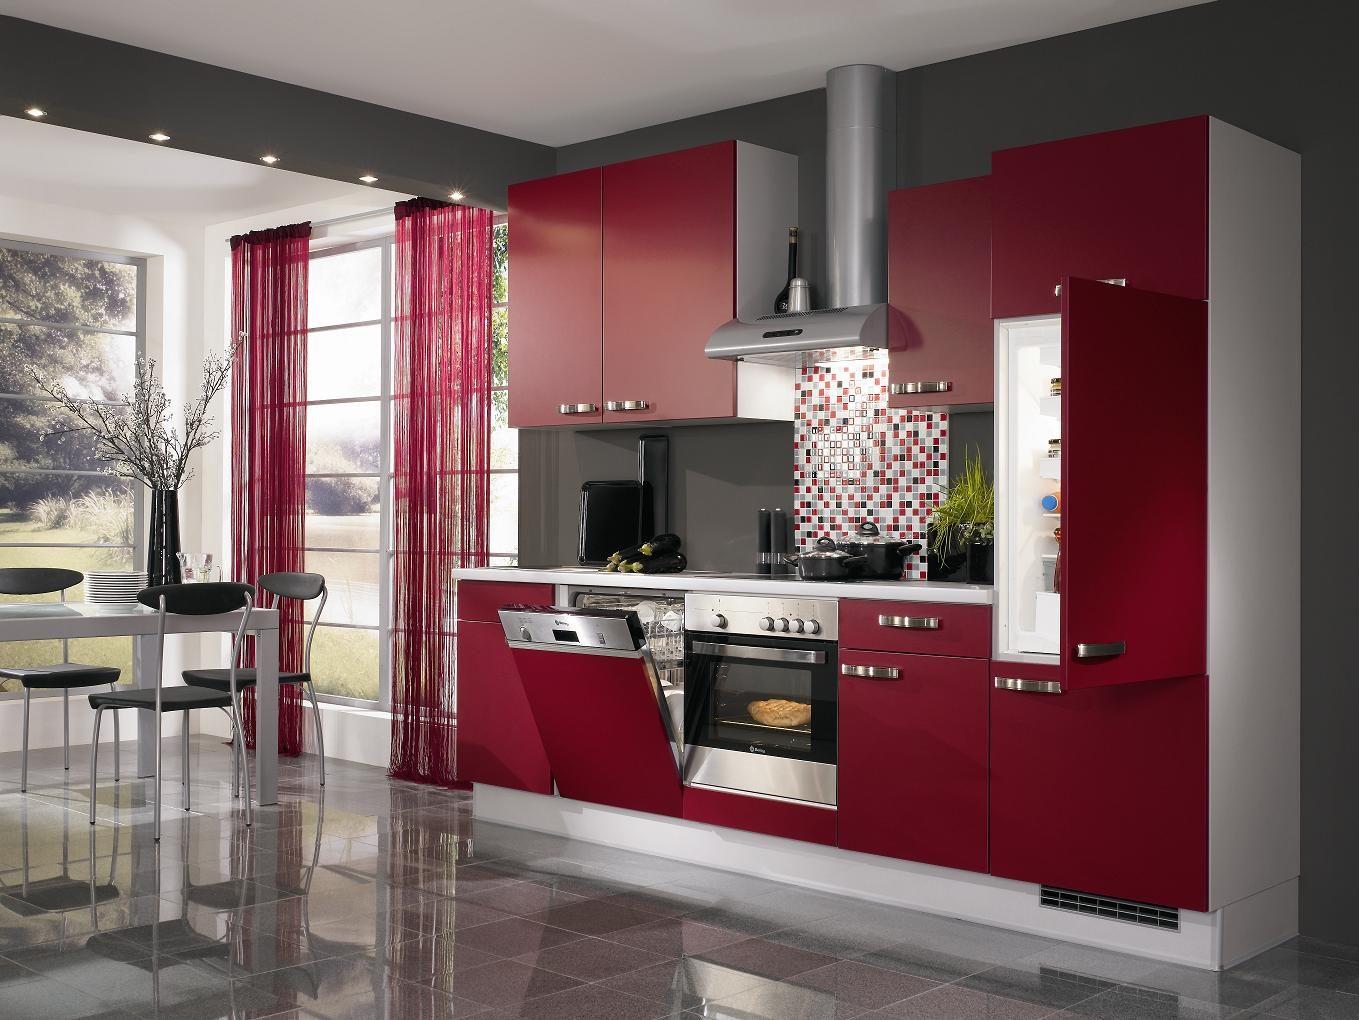 Combinaci n de colores en la cocina for Pintura para el color de la cocina